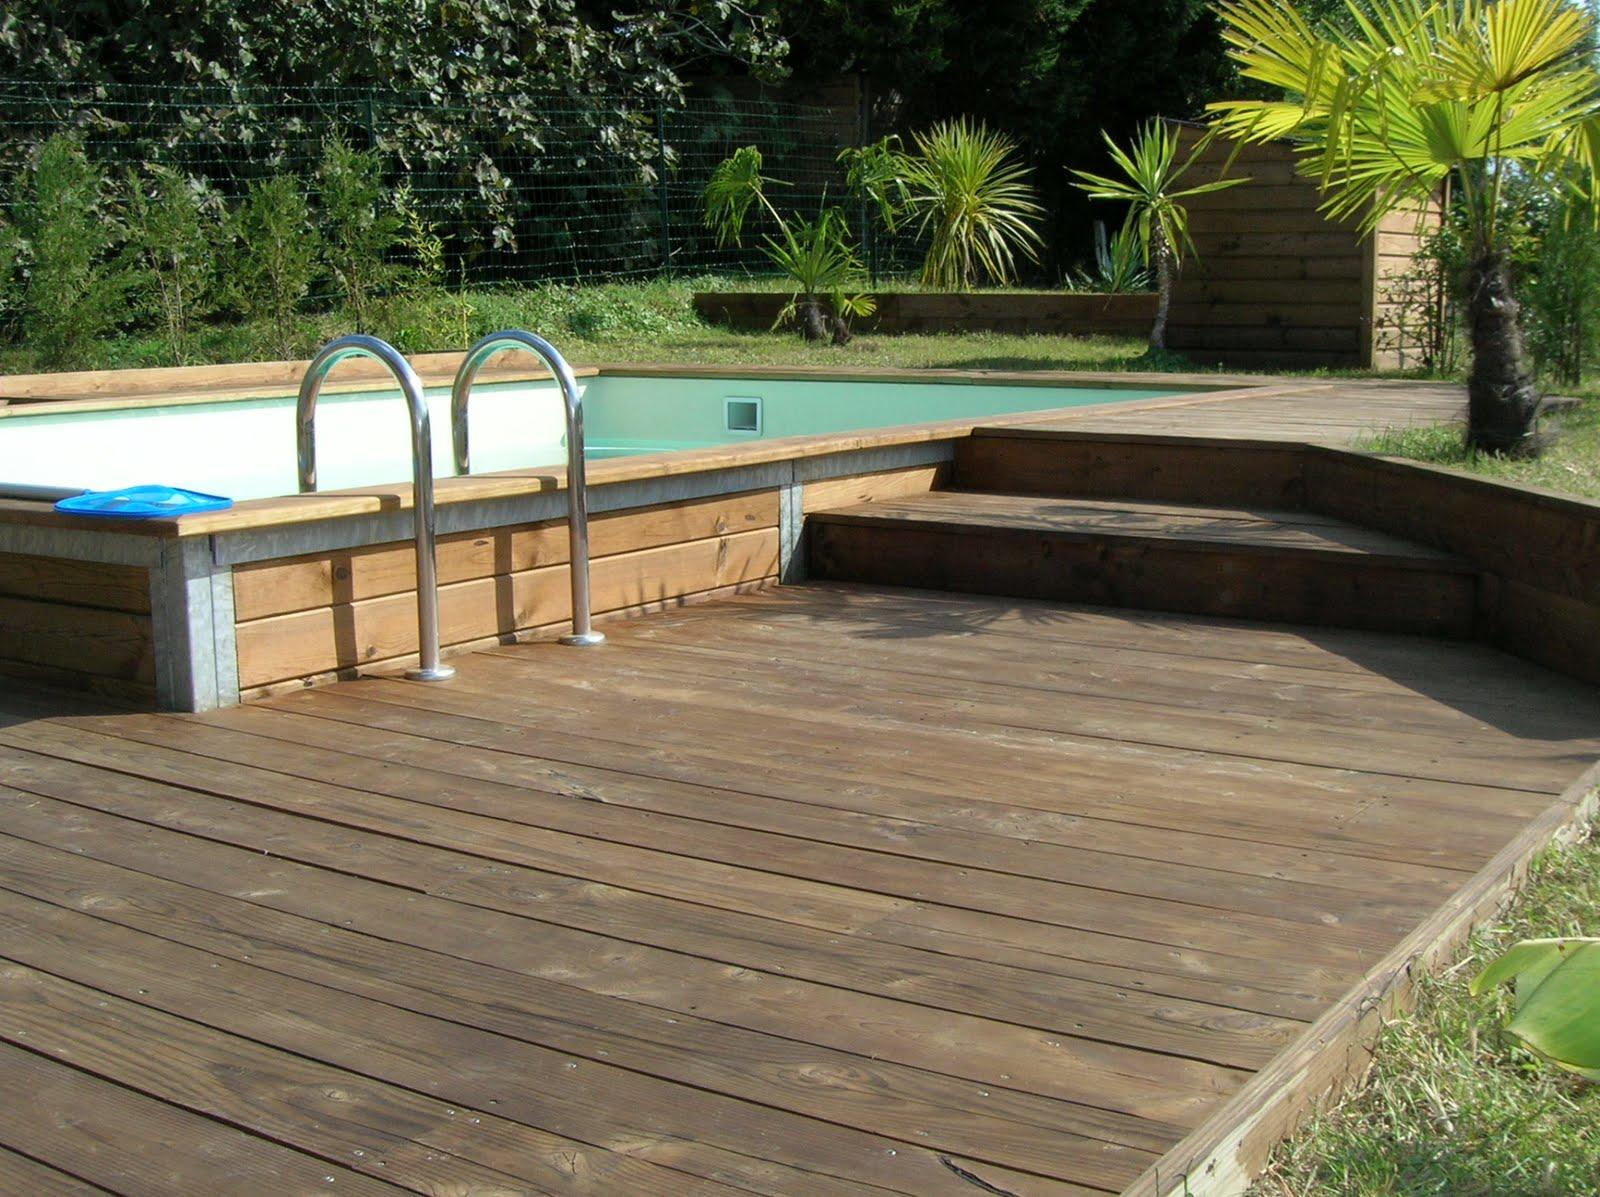 conseils professionnels pour monter votre piscine terrasse bois. Black Bedroom Furniture Sets. Home Design Ideas